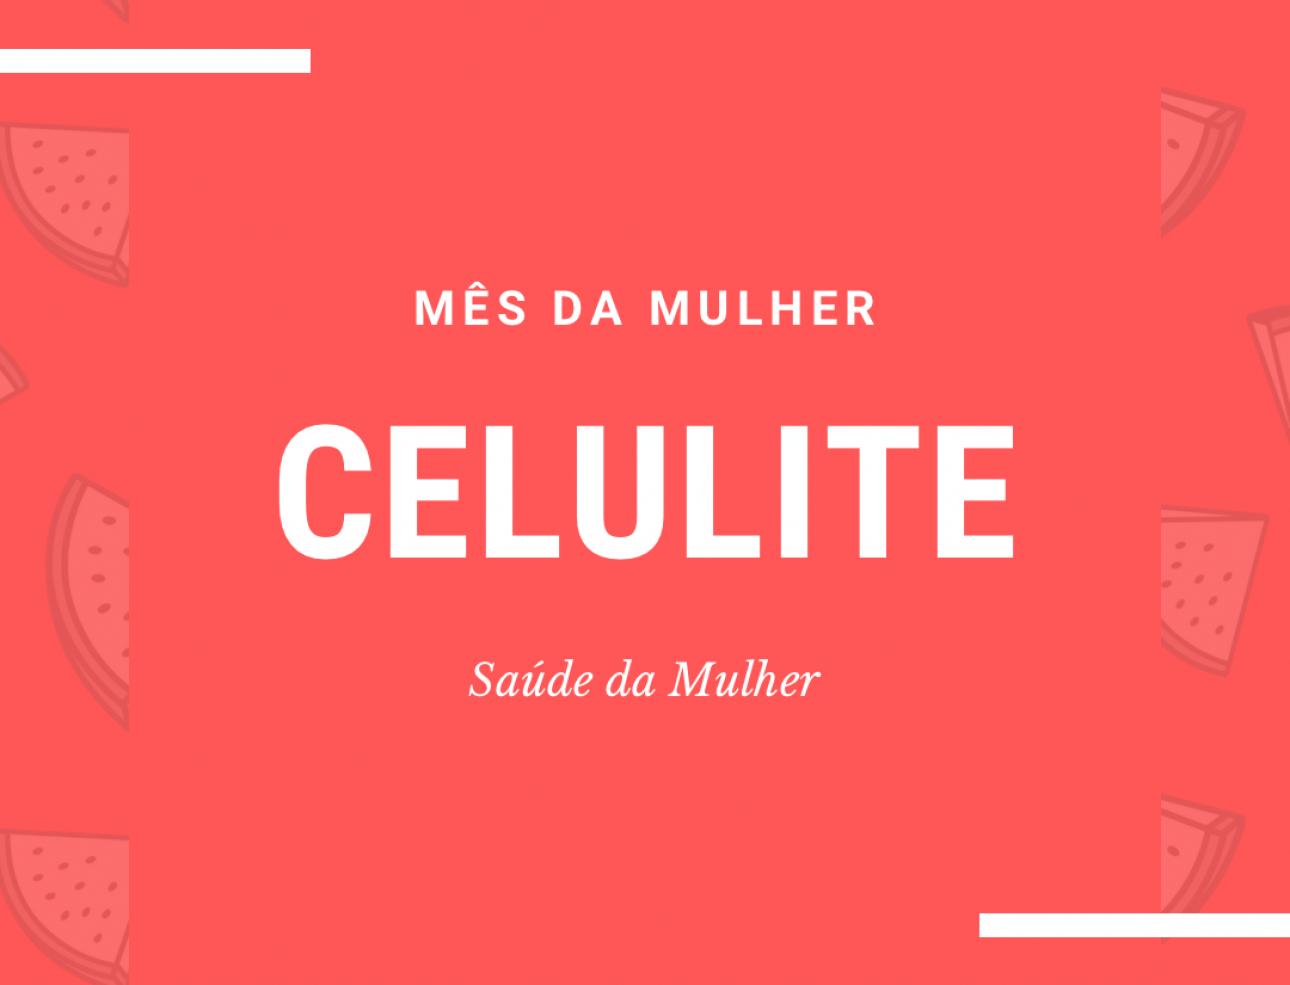 mês da mulher celulite